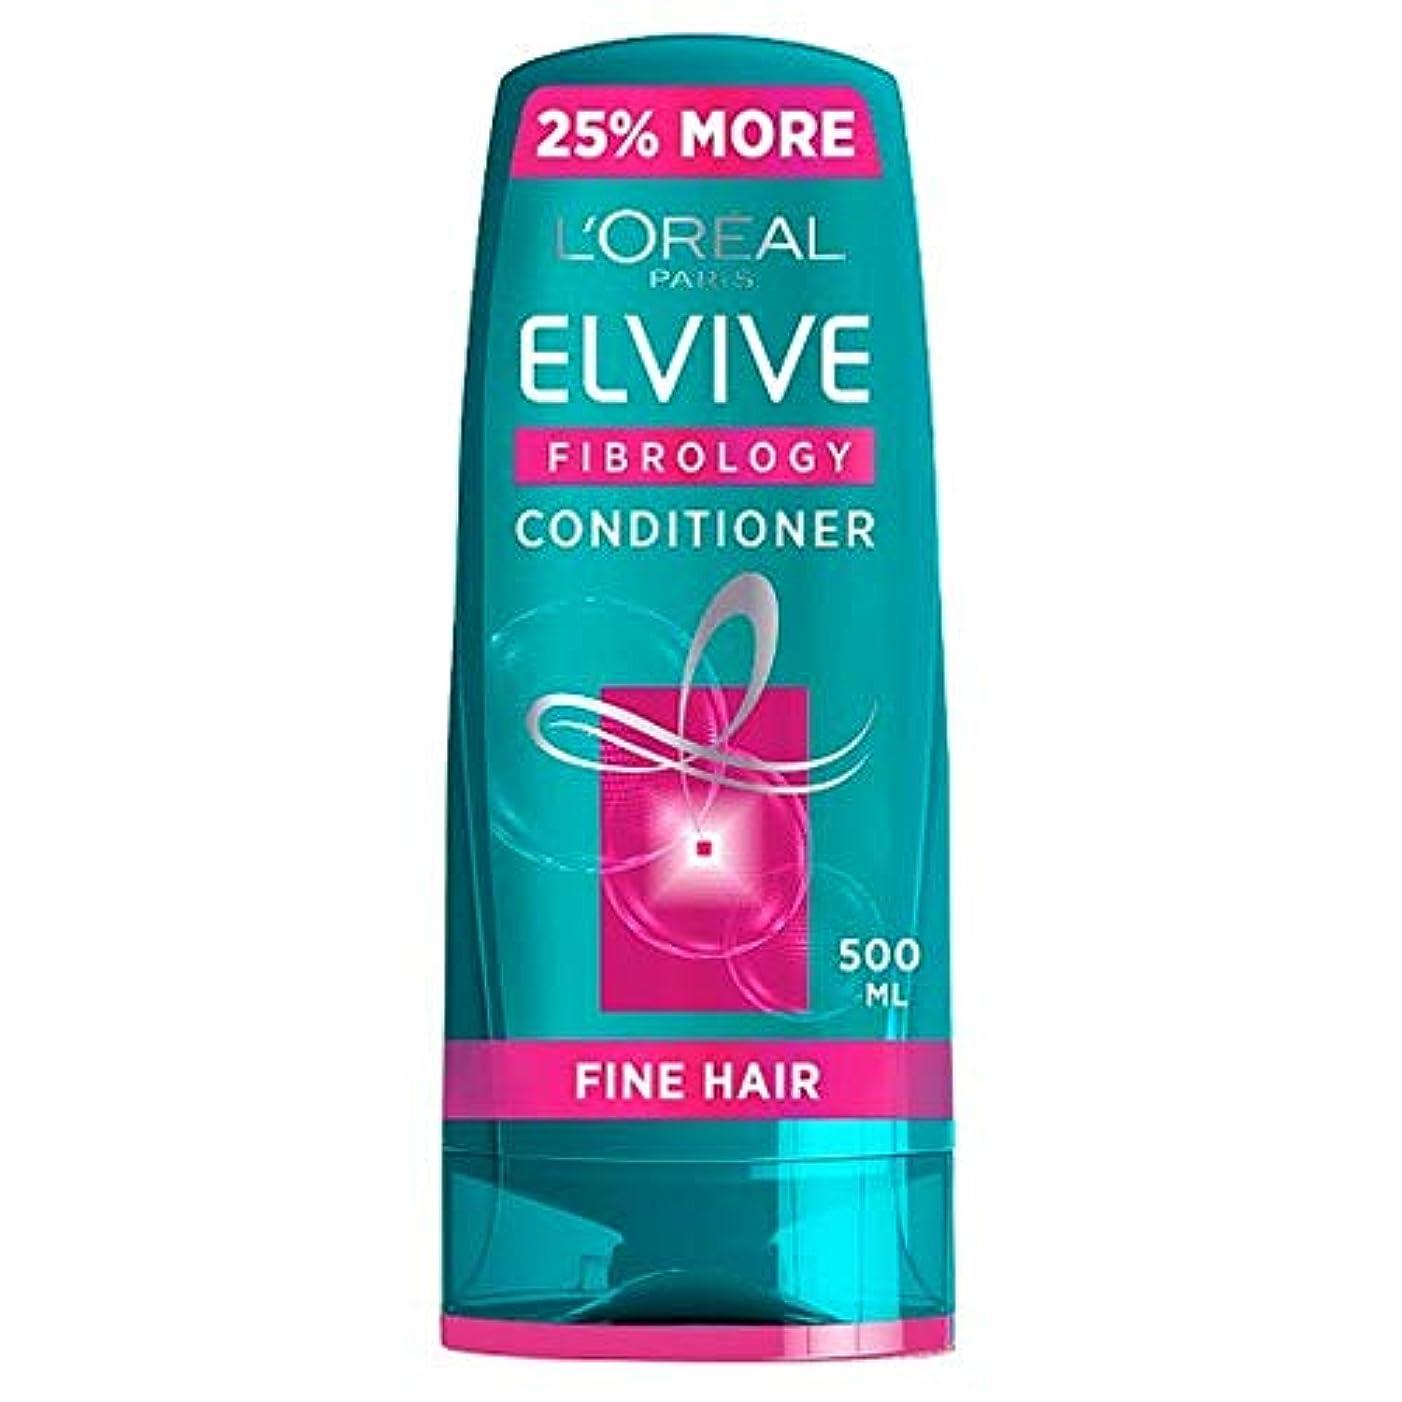 厚いチーズ区別[Elvive] ロレアルElvive Fibroligy細いヘアコンディショナー500ミリリットル - L'oreal Elvive Fibroligy Fine Hair Conditioner 500Ml [並行輸入品]